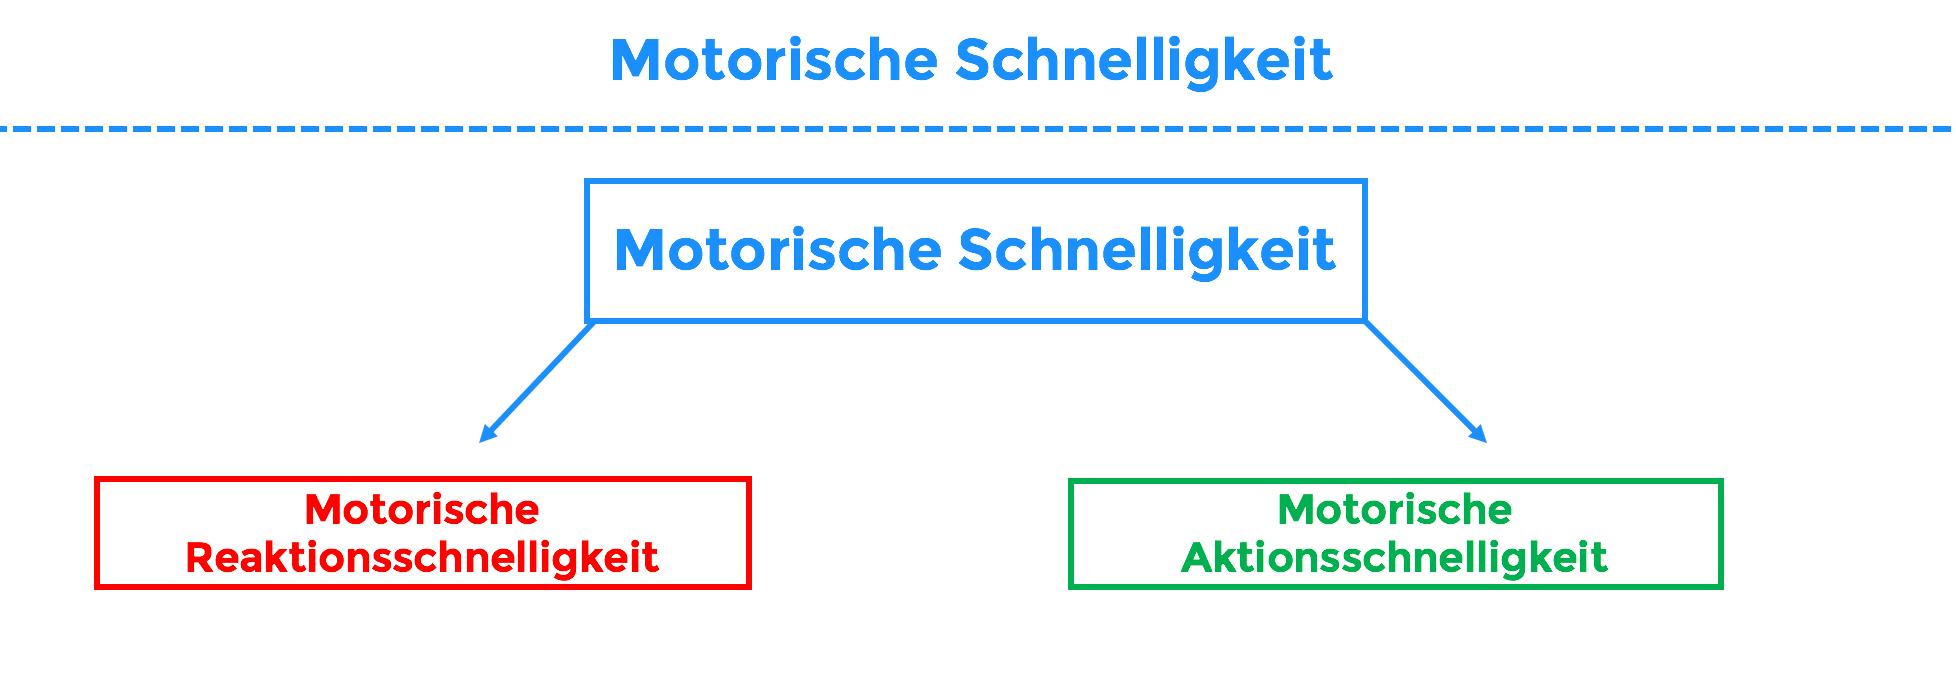 motorische schnelligkeit